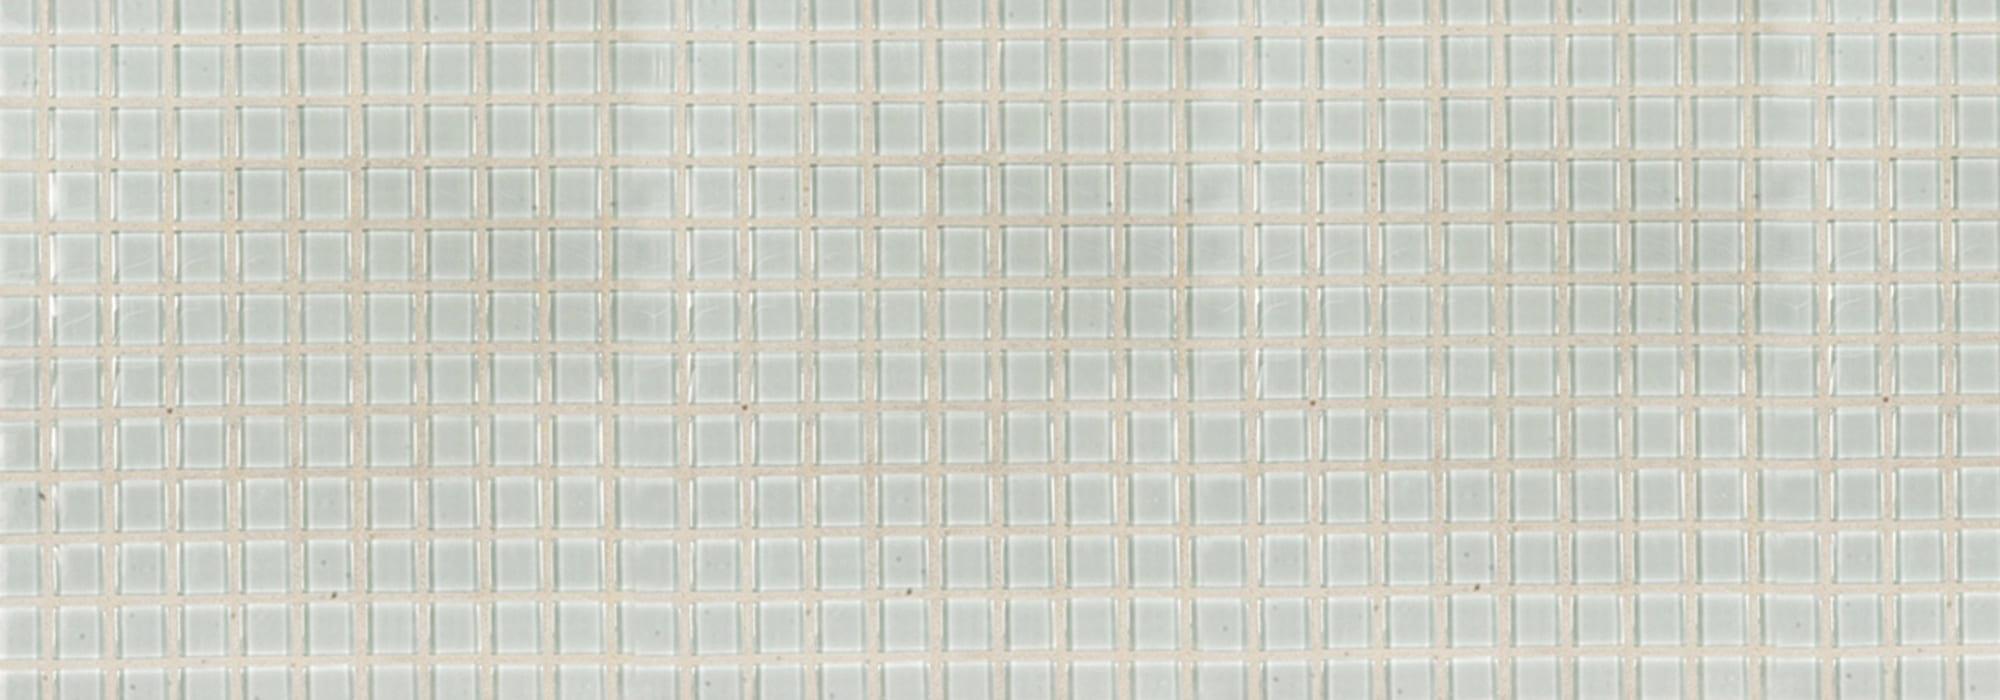 פסיפס זכוכית לבן עמוק by Milstone